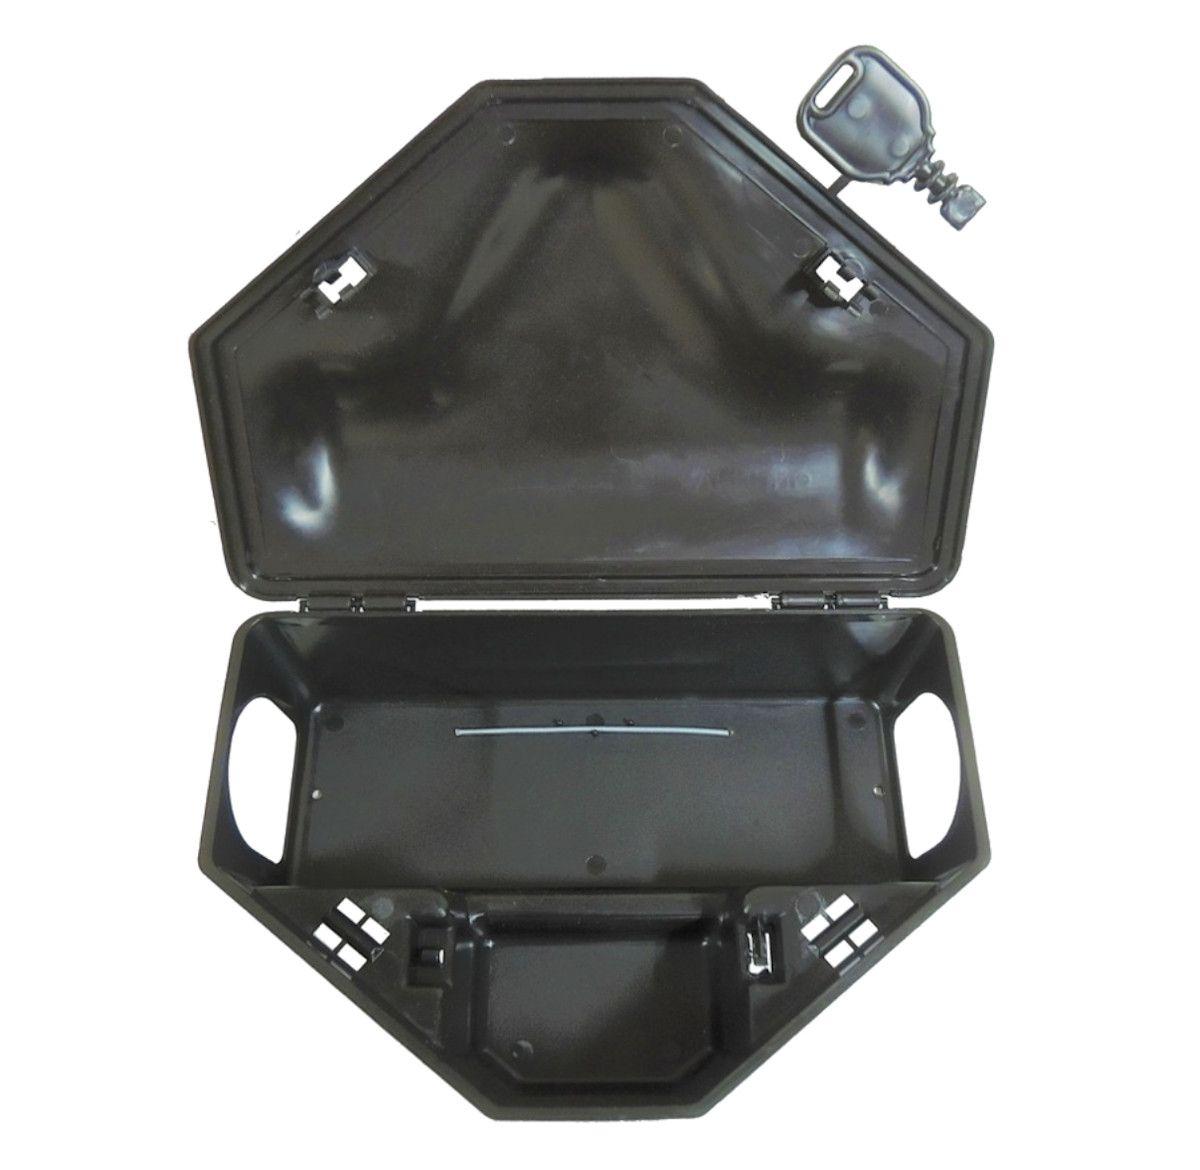 Kit 100 Porta Iscas Reforçado Com 2 Chave Para Ratos